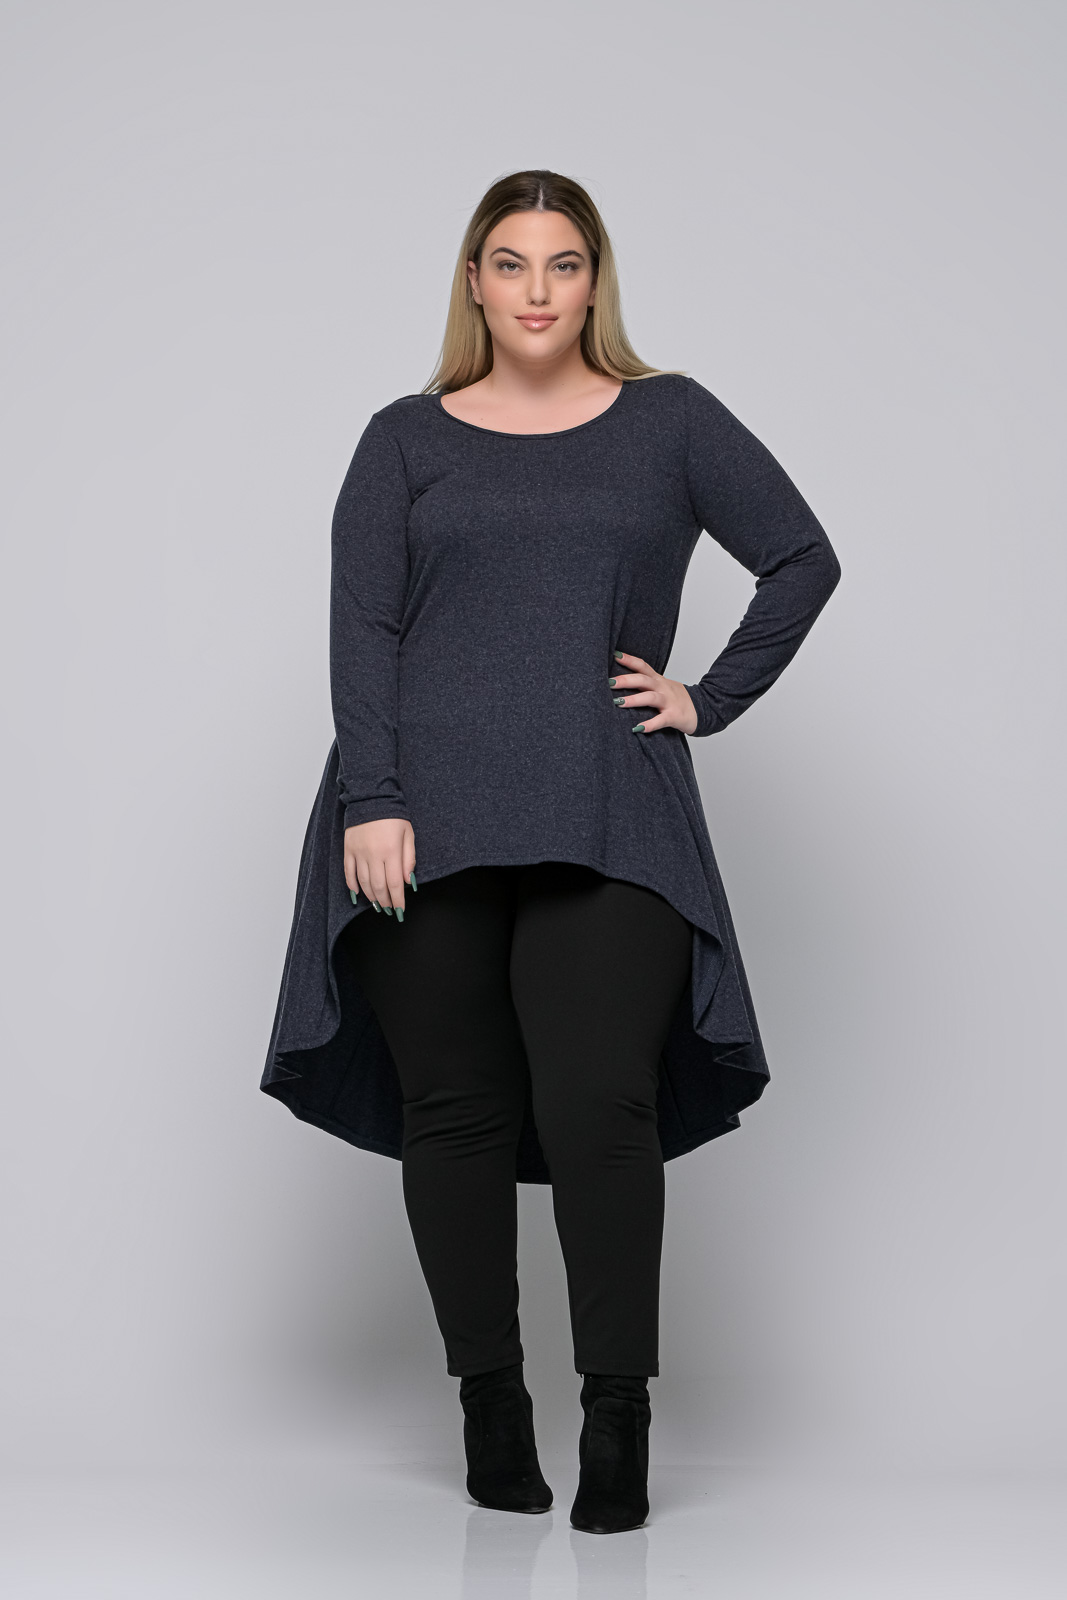 Μπλούζoφόρεμα μεγάλα μεγέθη +Psx γκρι μπλε ελαστική βισκόζ. Στο eshop μας θα βρείτε οικονομικά γυναίκεια ρούχα σε μεγάλα μεγέθη και υπερμεγέθη.